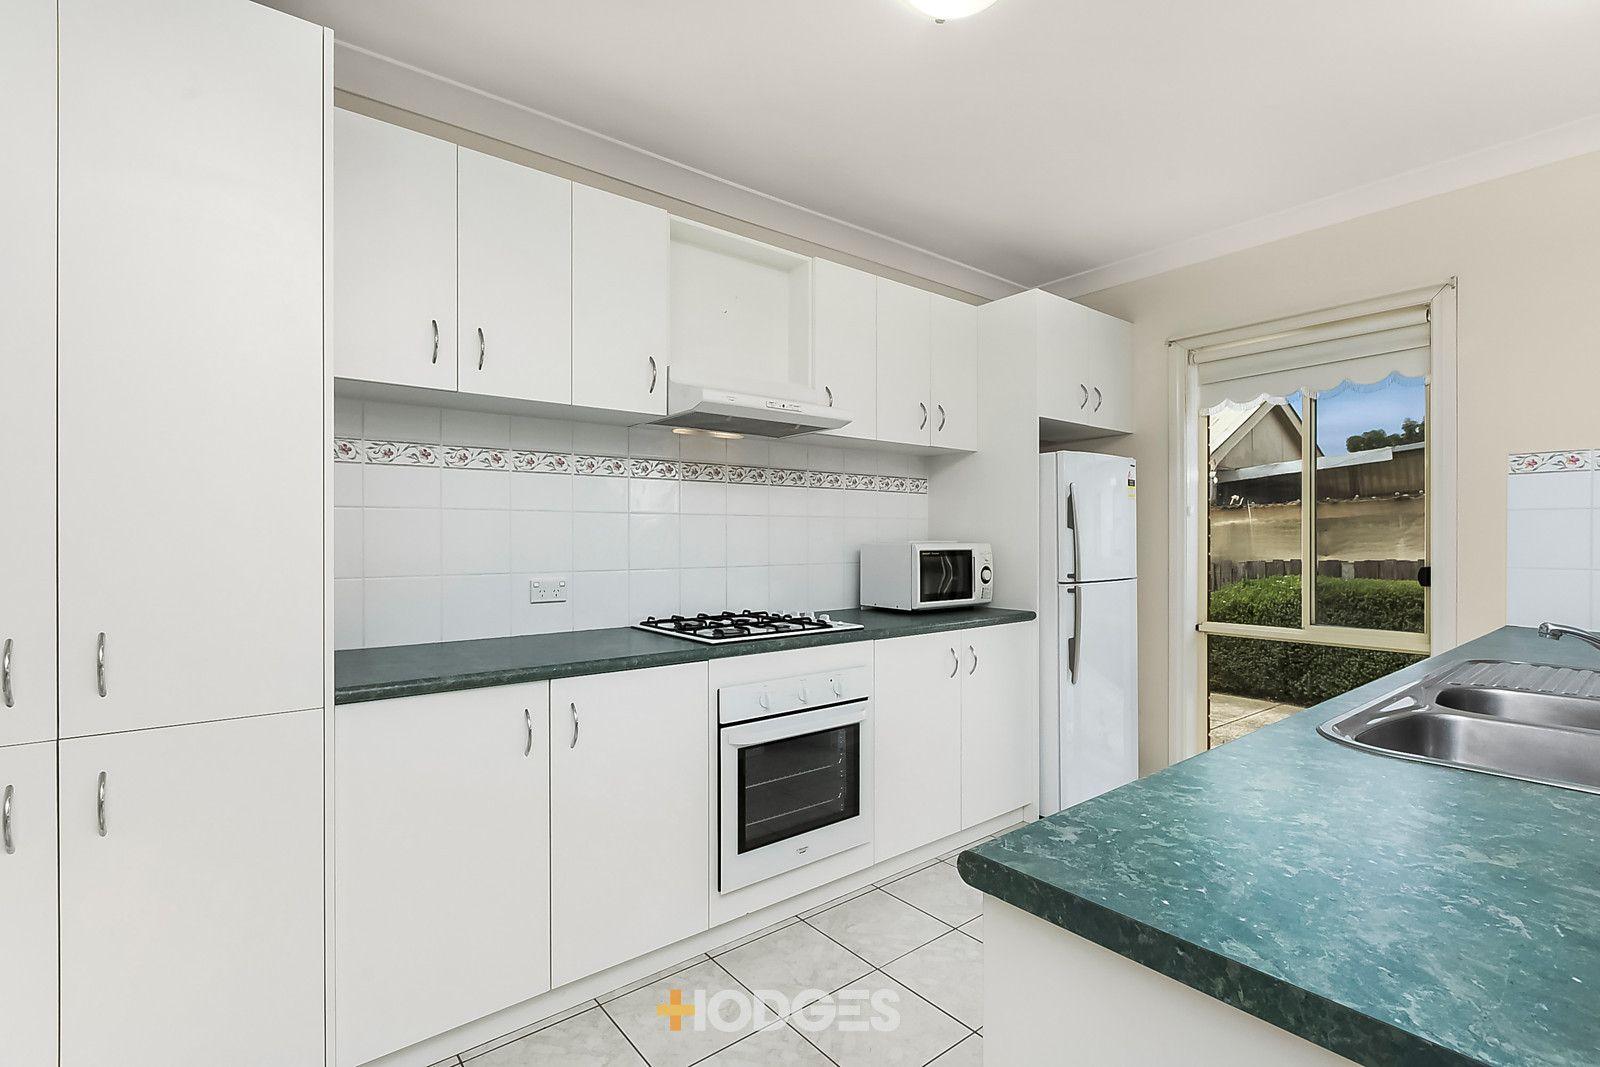 1/25 Breakwater Road, East Geelong VIC 3219, Image 1